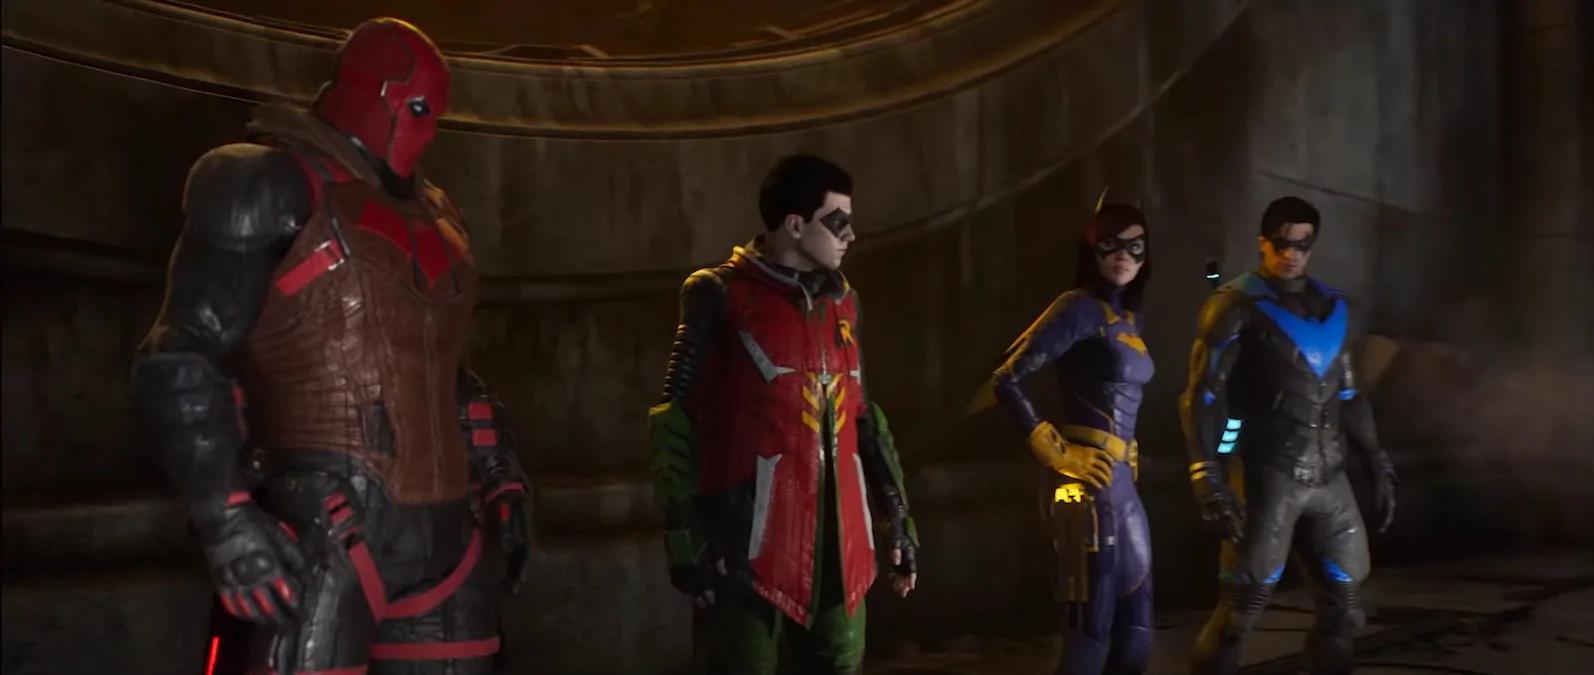 بازی Gotham Knights با نمایش اولین تریلر خود در رویداد DC Fandome معرفی شد